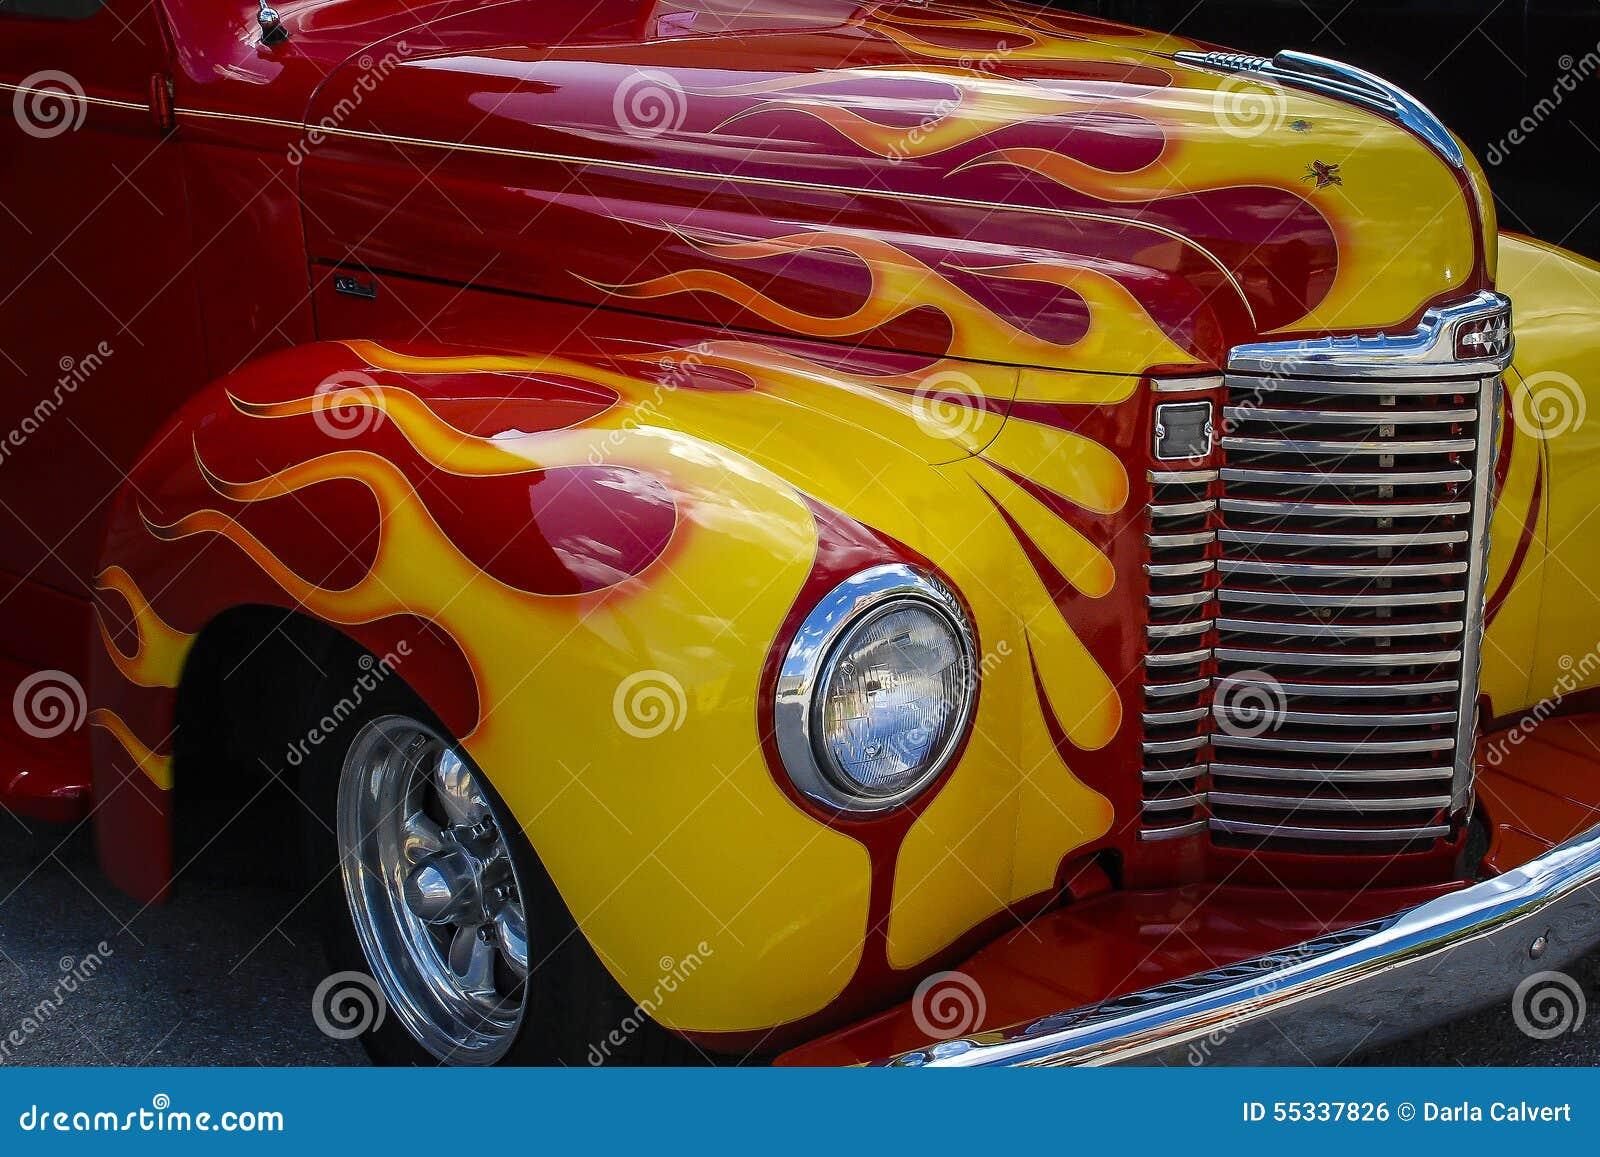 Vintage Hot Rod Car